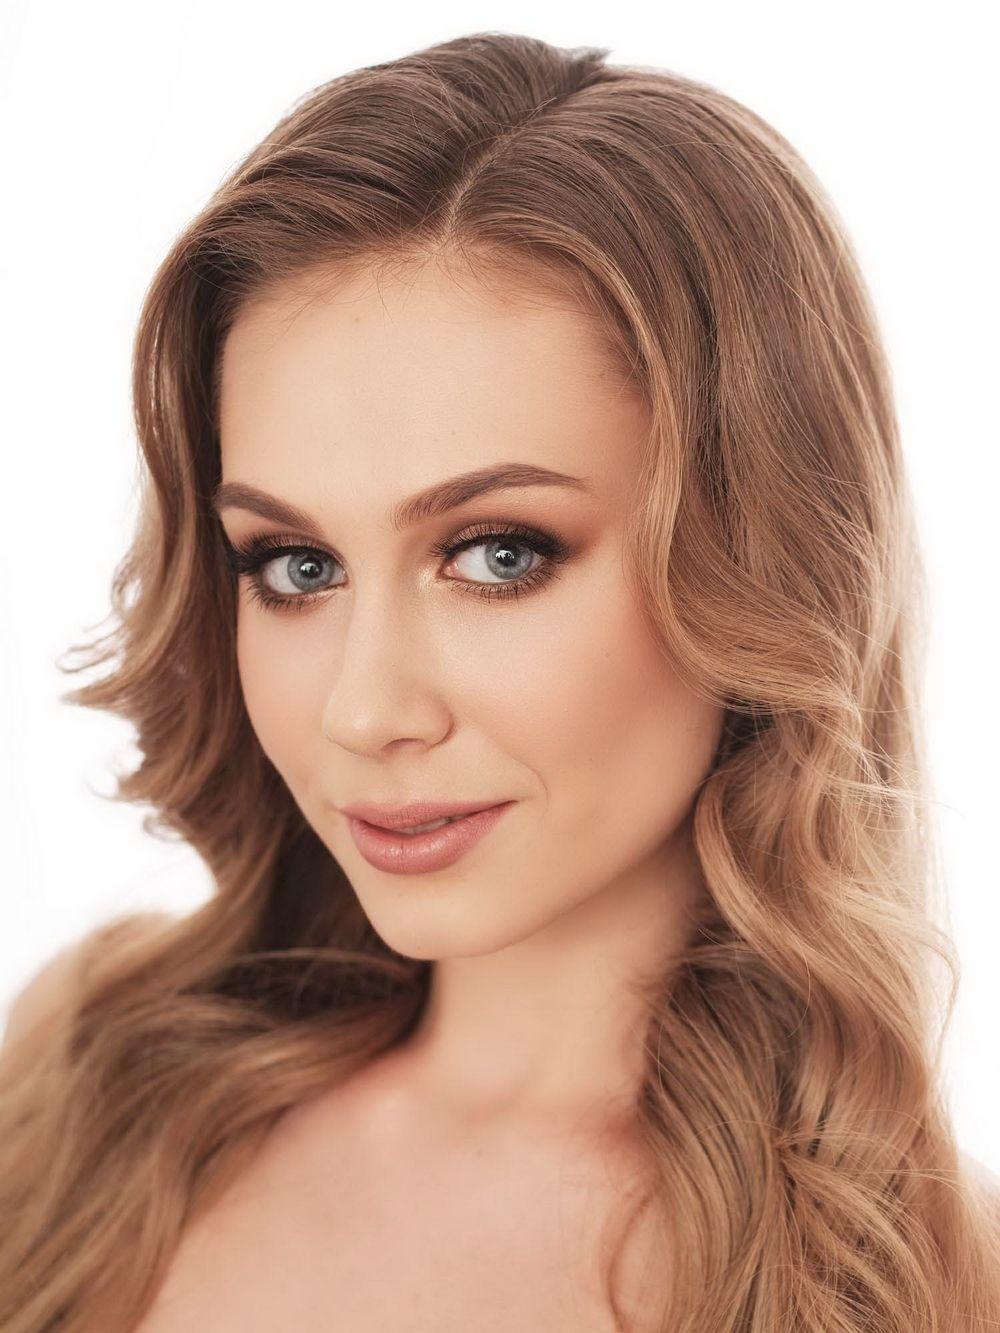 №10. Людмила Тришкина. Возраст: 18 лет. Рост: 173 см.